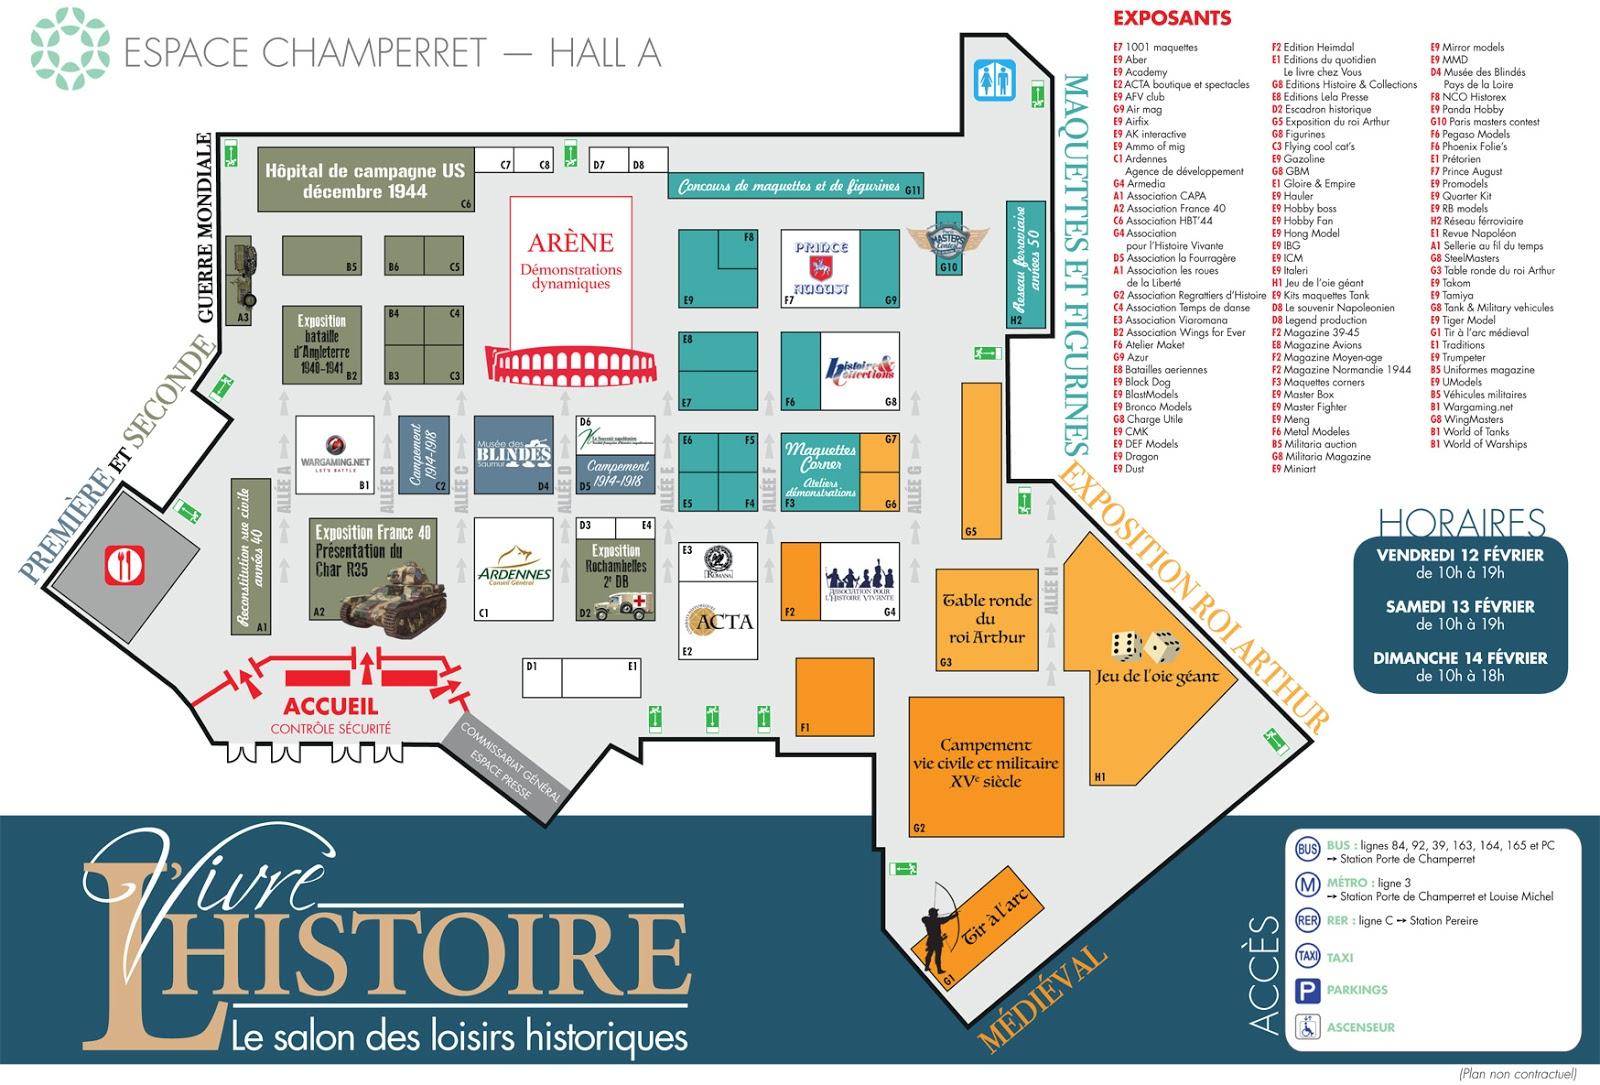 Plan salon vivre l'histoire 2016, paris, balade historique, www.balades-historiques.com